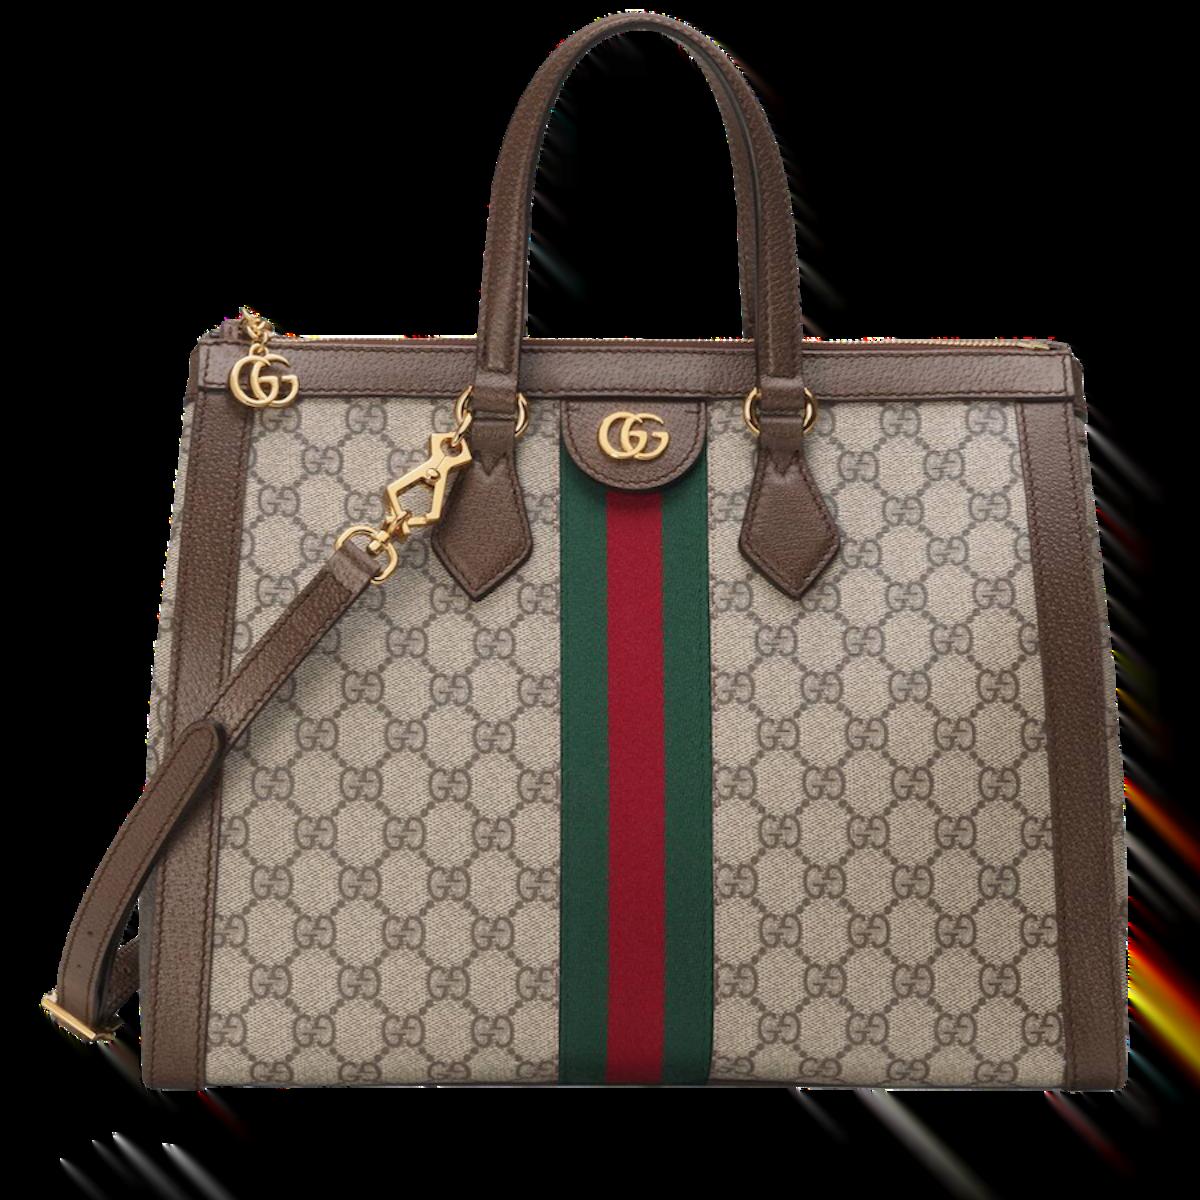 Homepage borsa Gucci AzzurraMI mare intimo costumi da spiaggia bagno Jesolo lido vendita offerta sconti promozione shop online webshop